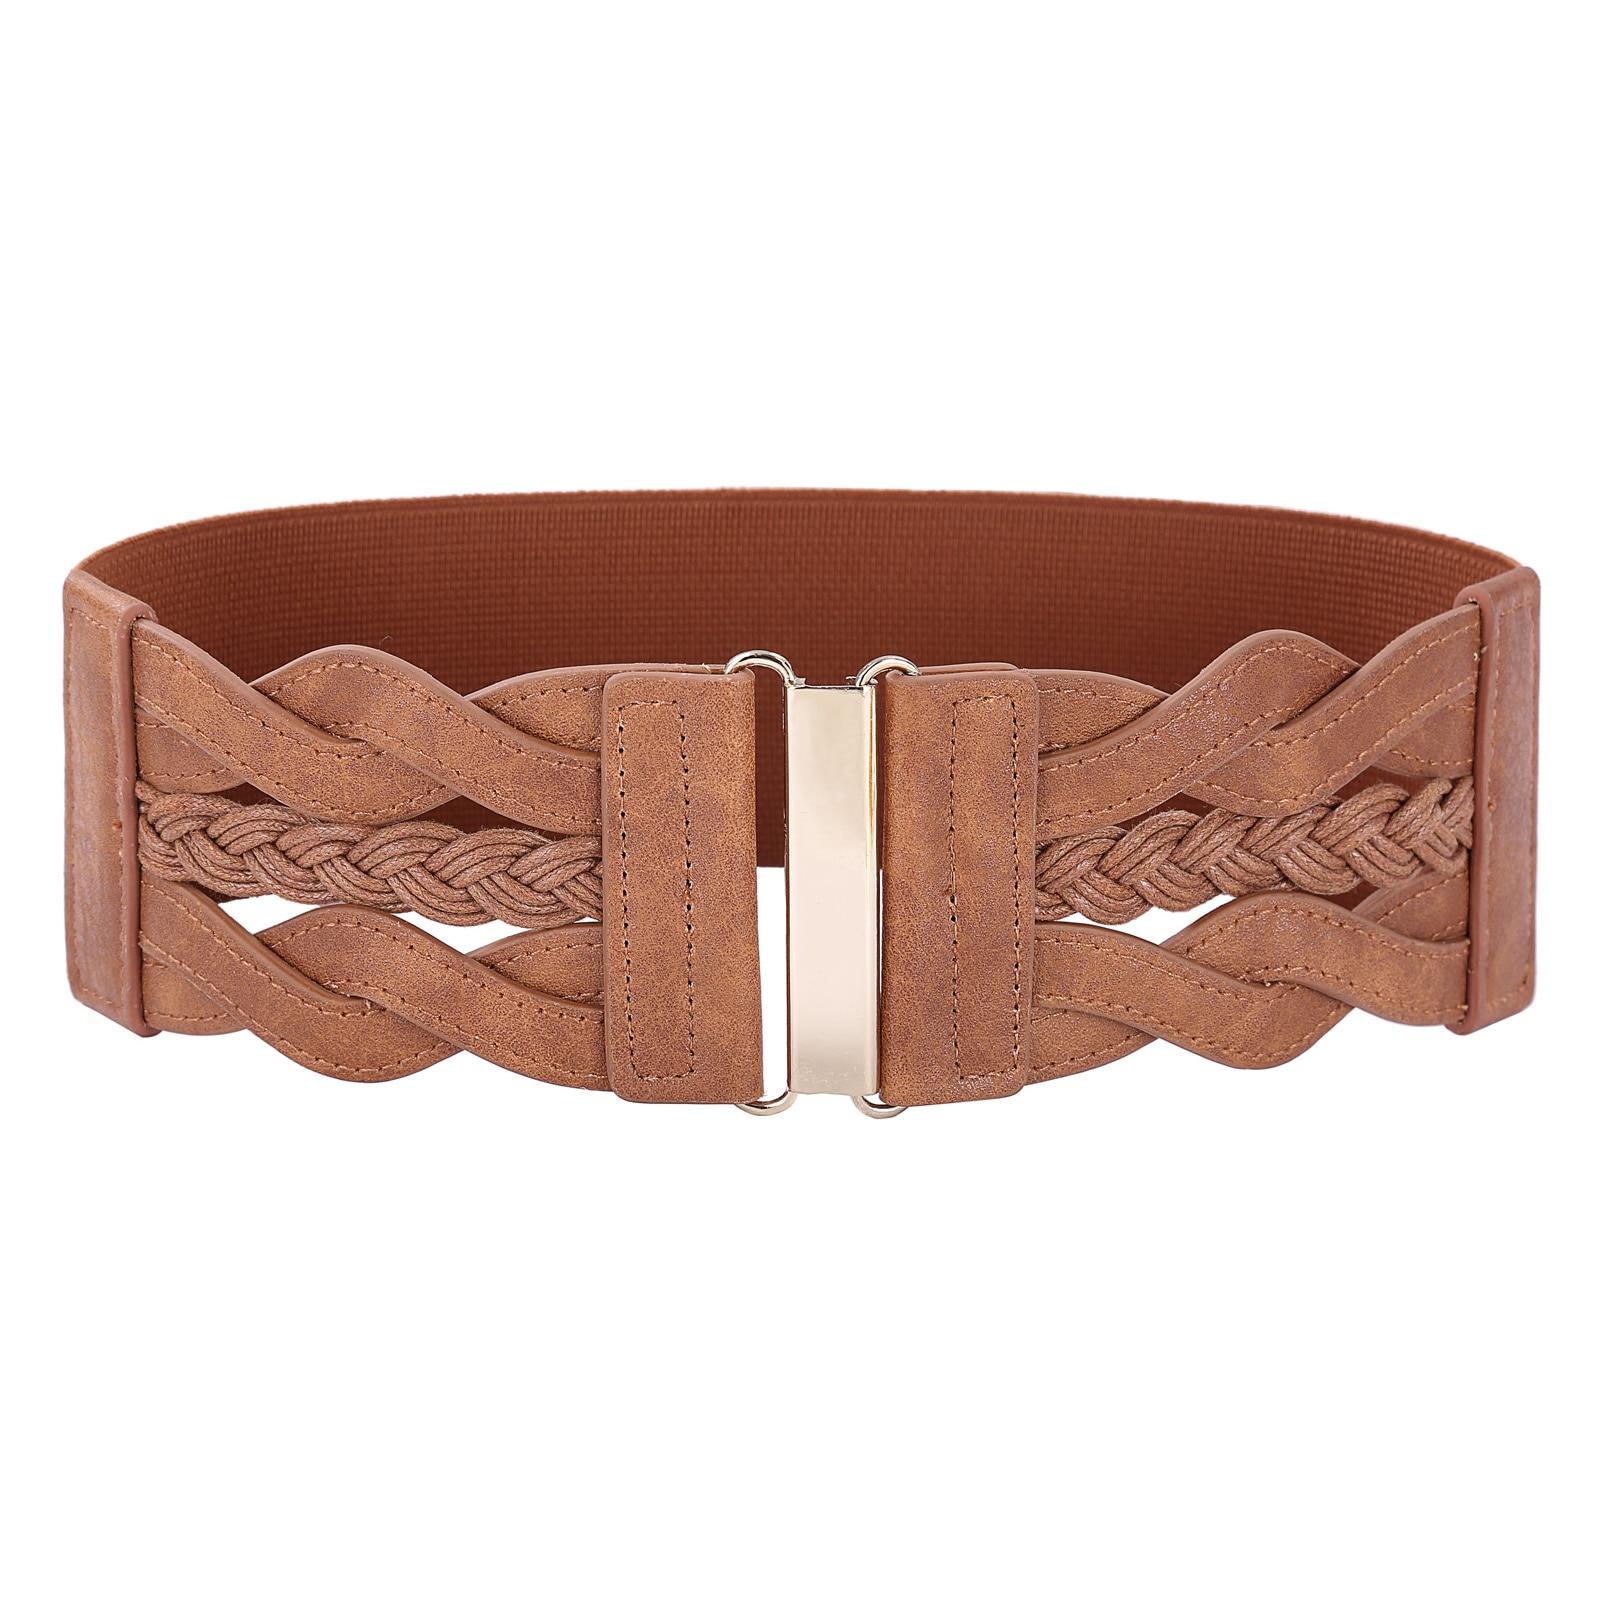 """3 """"cinturones anchos para las mujeres trenzado vestido de fiesta de noche elegante vogue cuero poliuretano elástico cinturón cintura"""